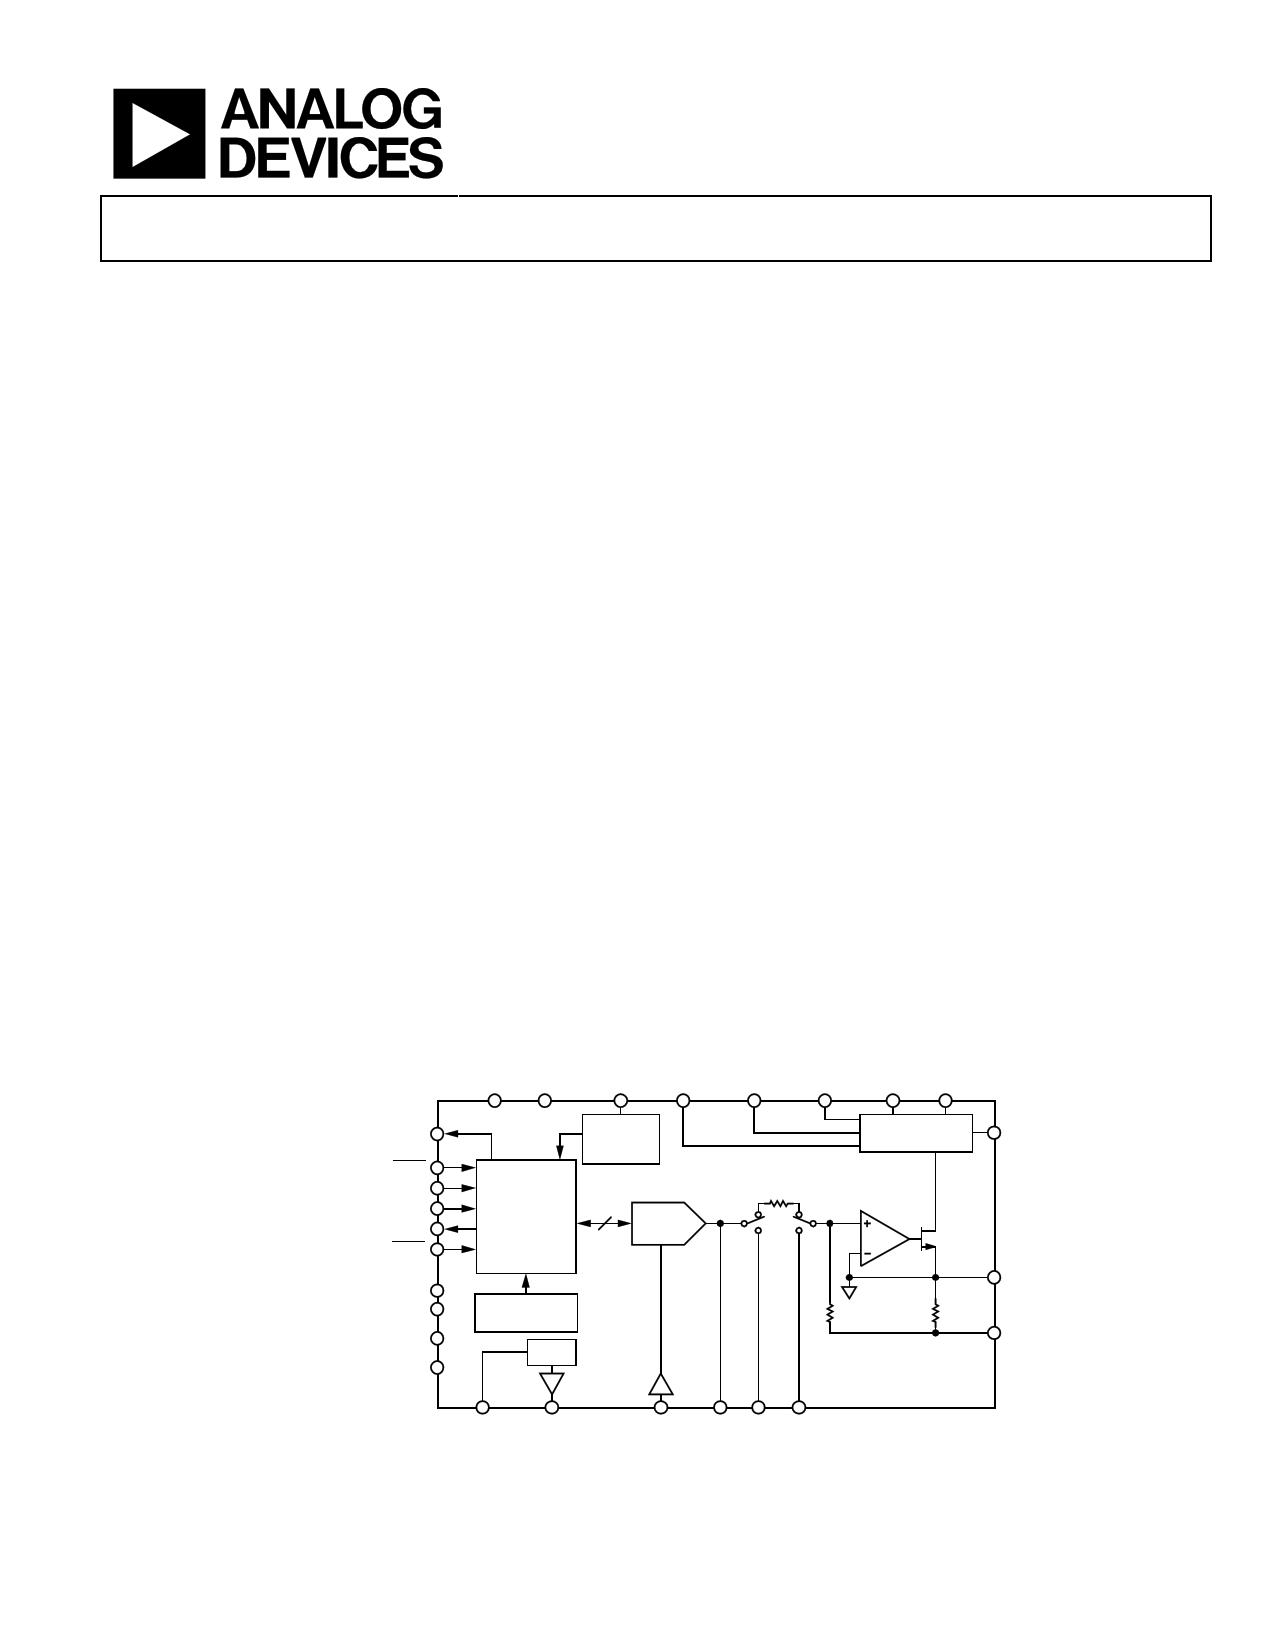 AD5421 Hoja de datos, Descripción, Manual